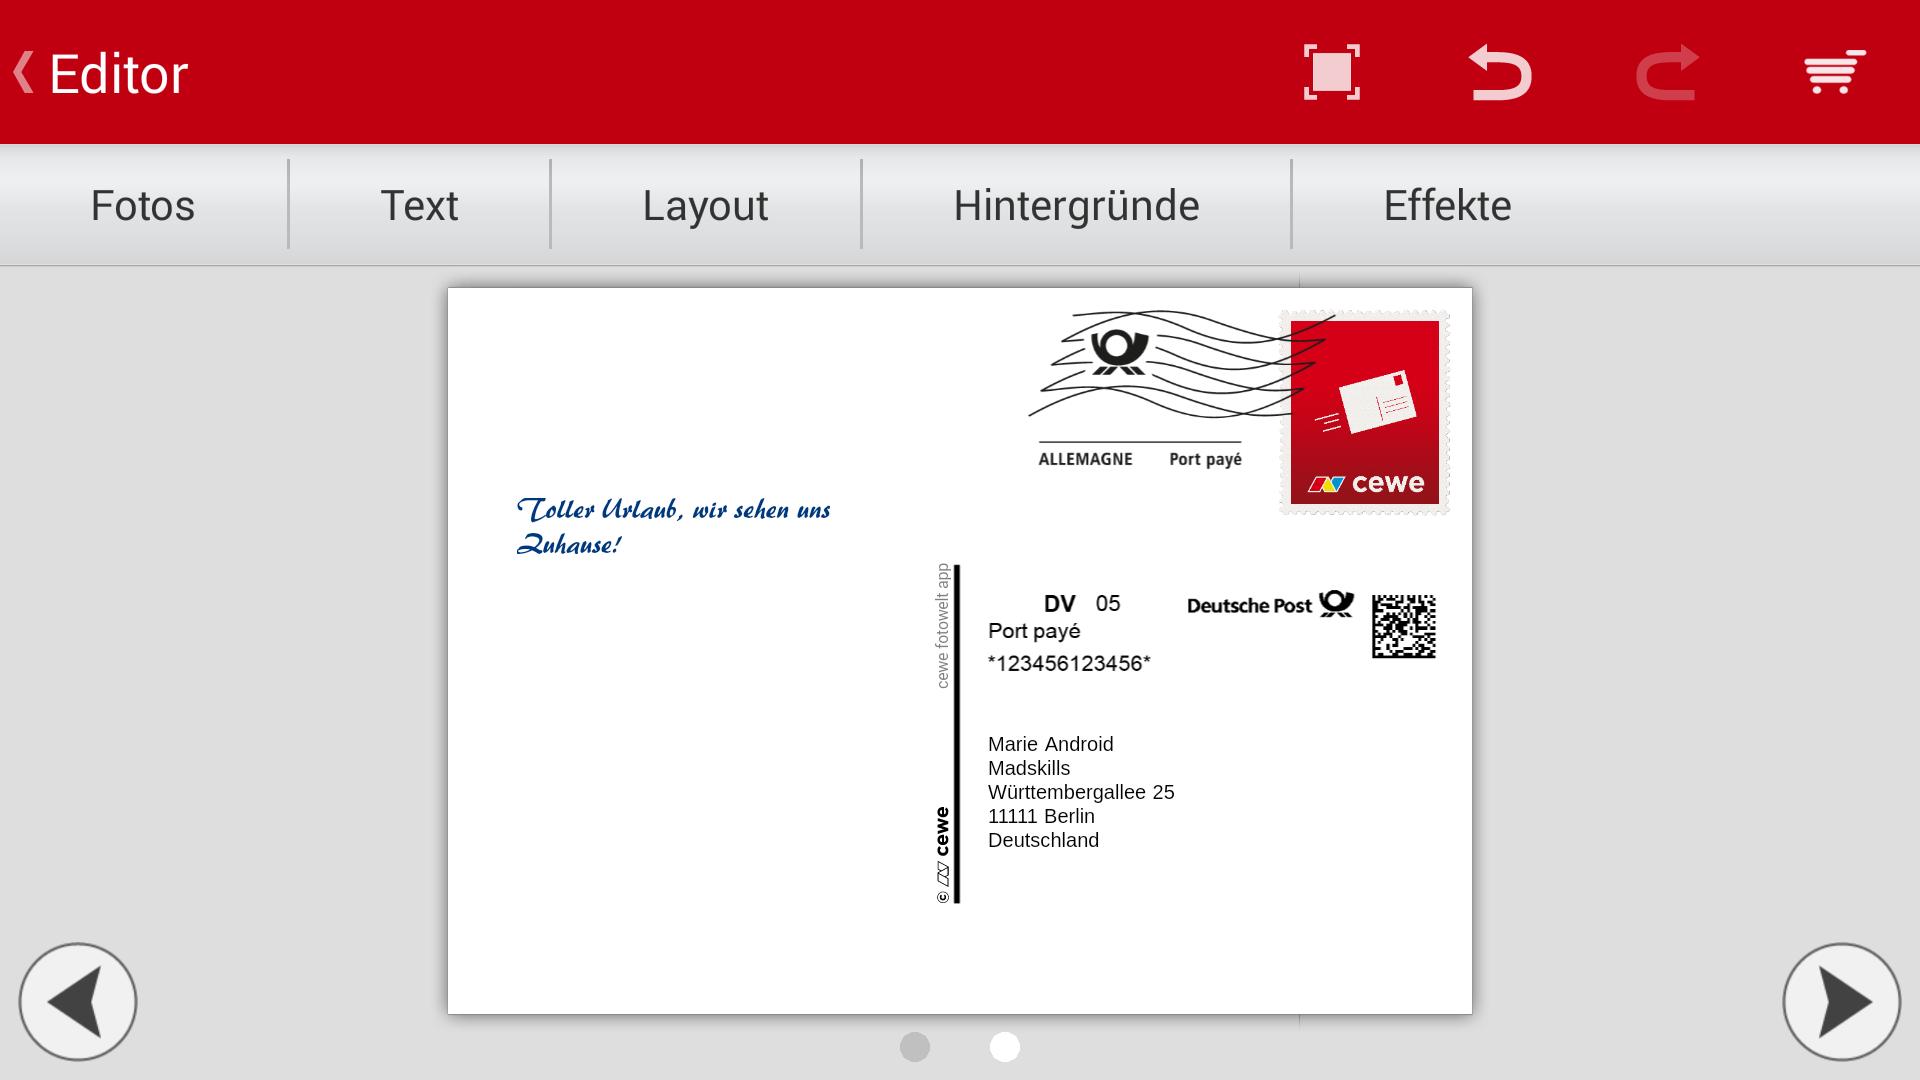 Niedlich Kostenlos Ausdruckbare Vorlagen Postkarte Bilder - Bilder ...